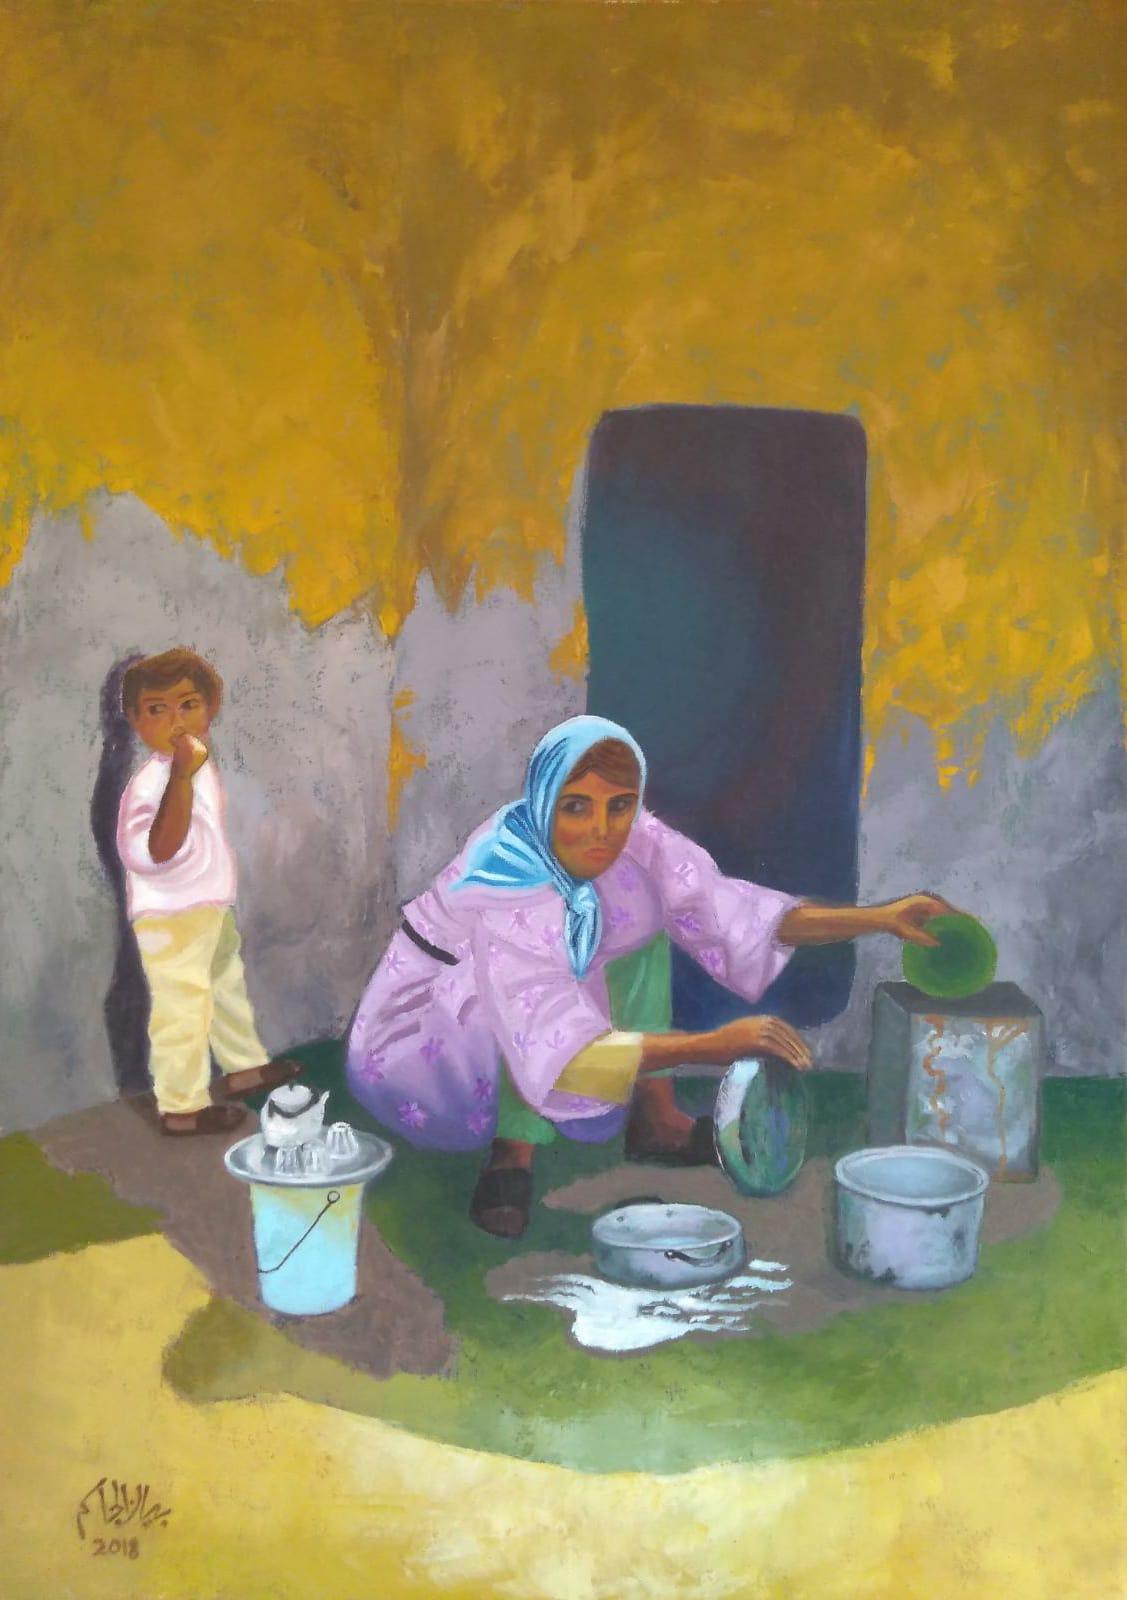 لوحة المرأة الريفية للرسامة بيان الجاسم